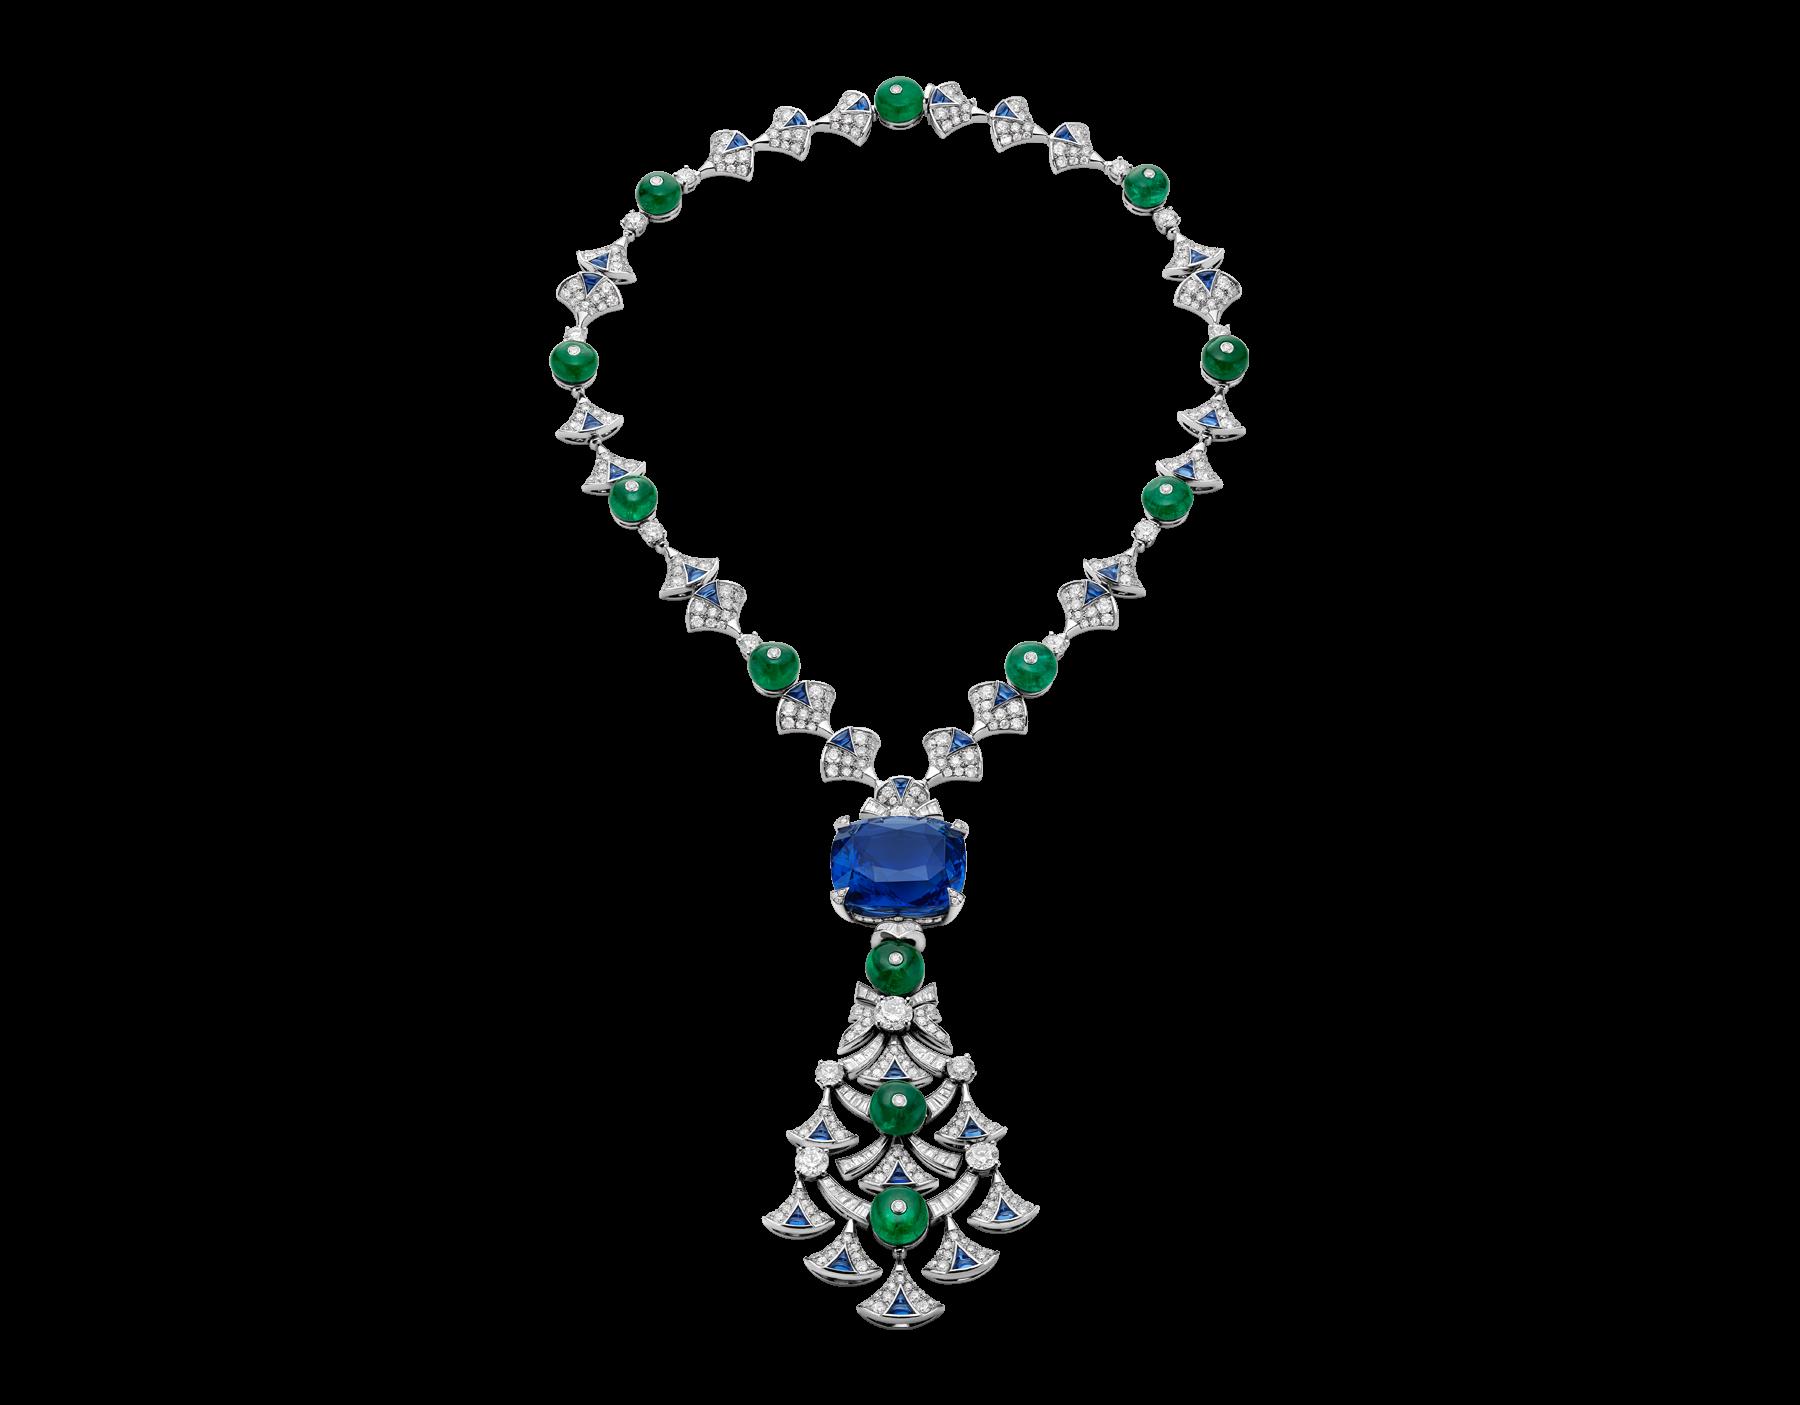 Colar de Bvlgari de brilhantes com esmeraldas e safiras. Safira central com  45,15 ct. 2a432fcf20